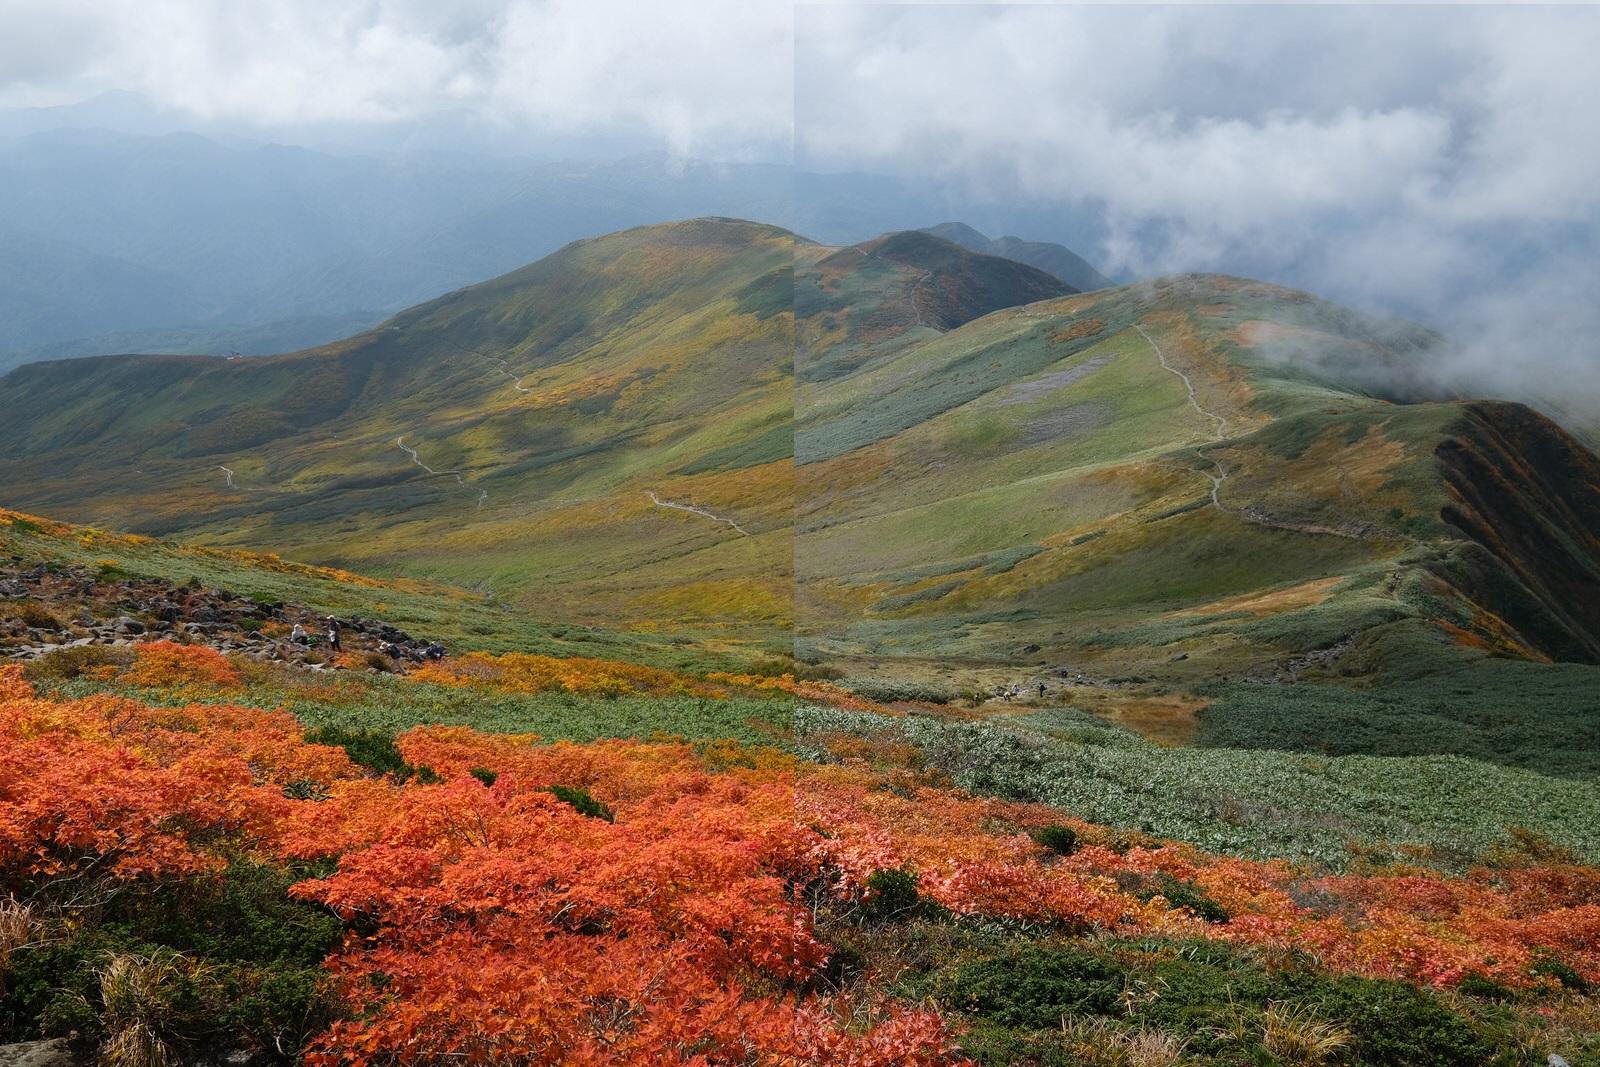 PLフィルターを使って紅葉風景を綺麗に撮影しよう